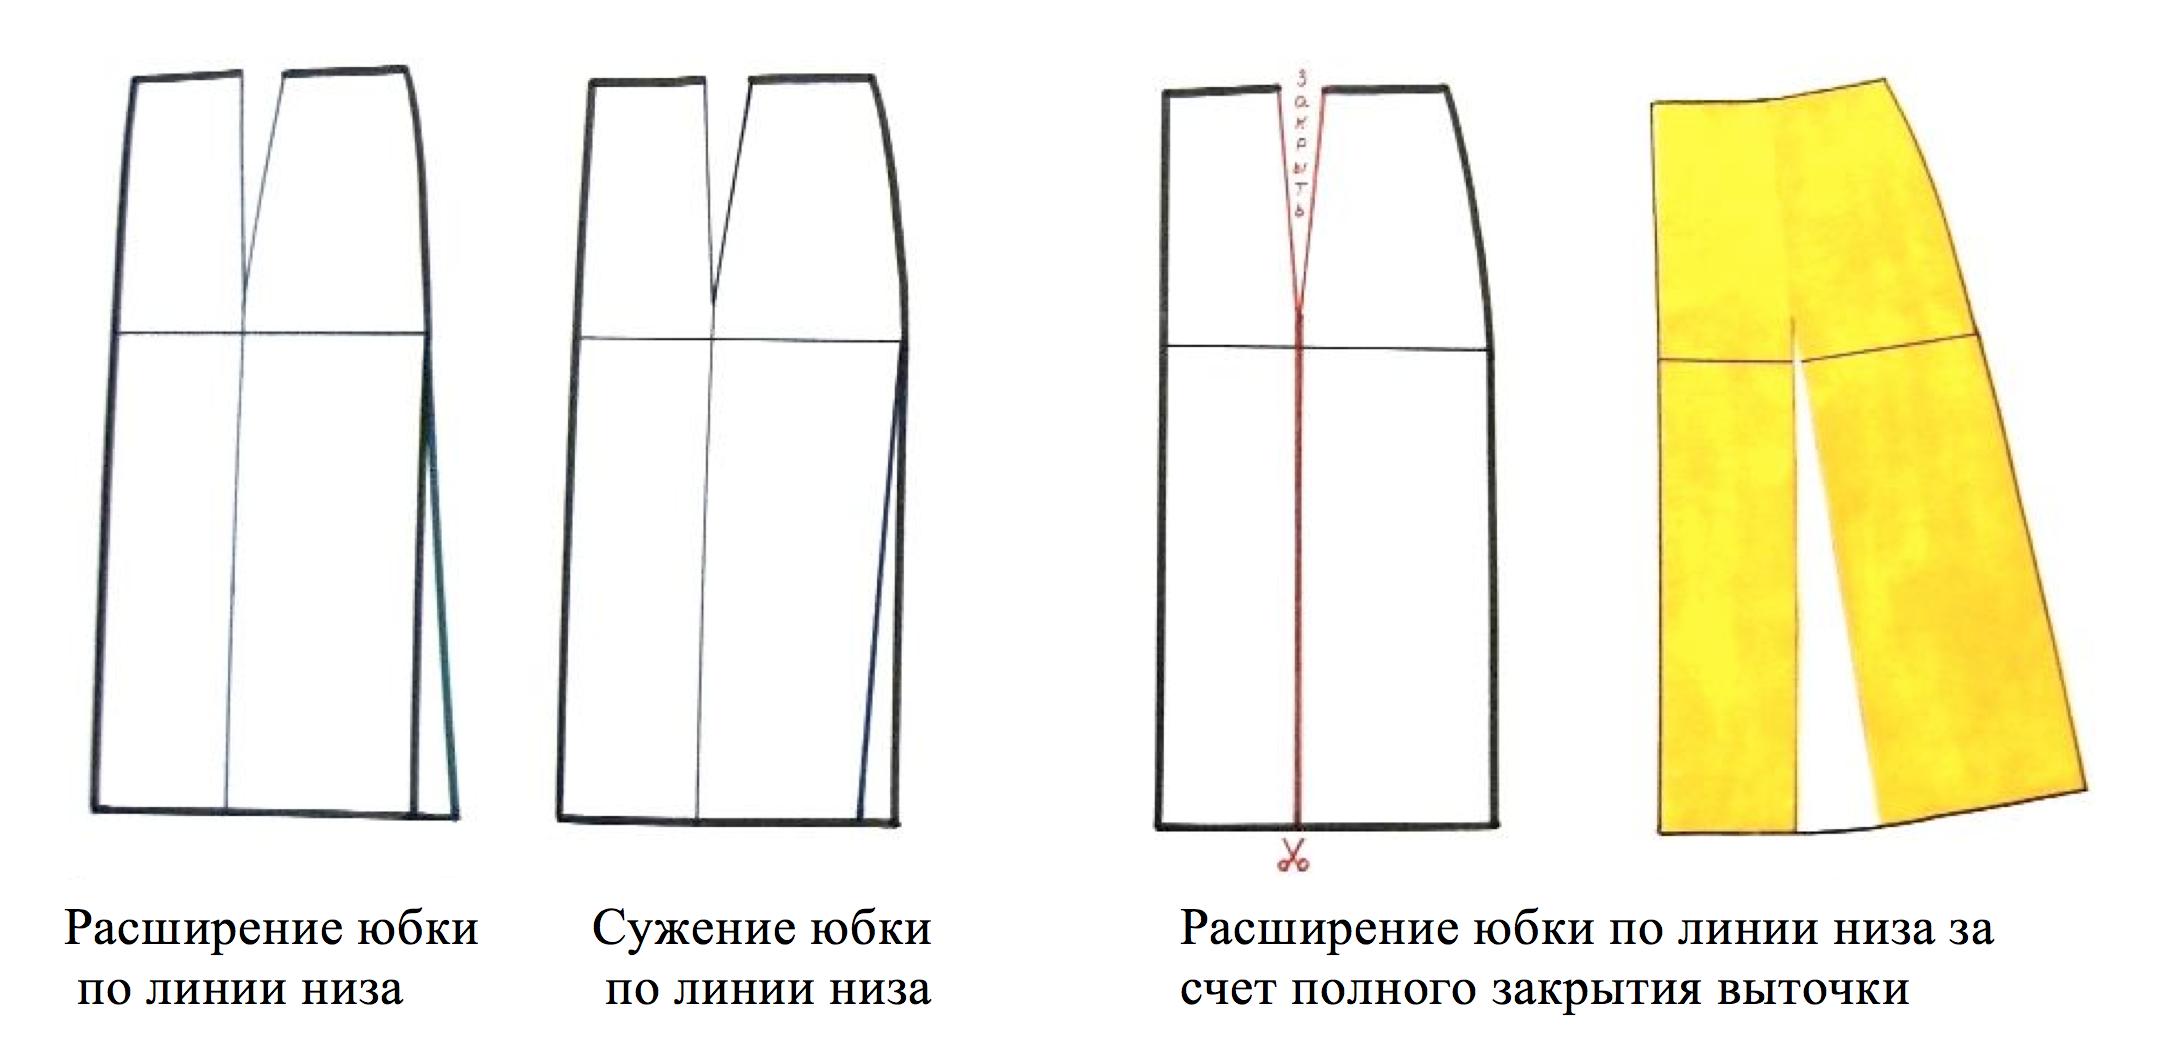 Как сделать складки на юбке карандаш